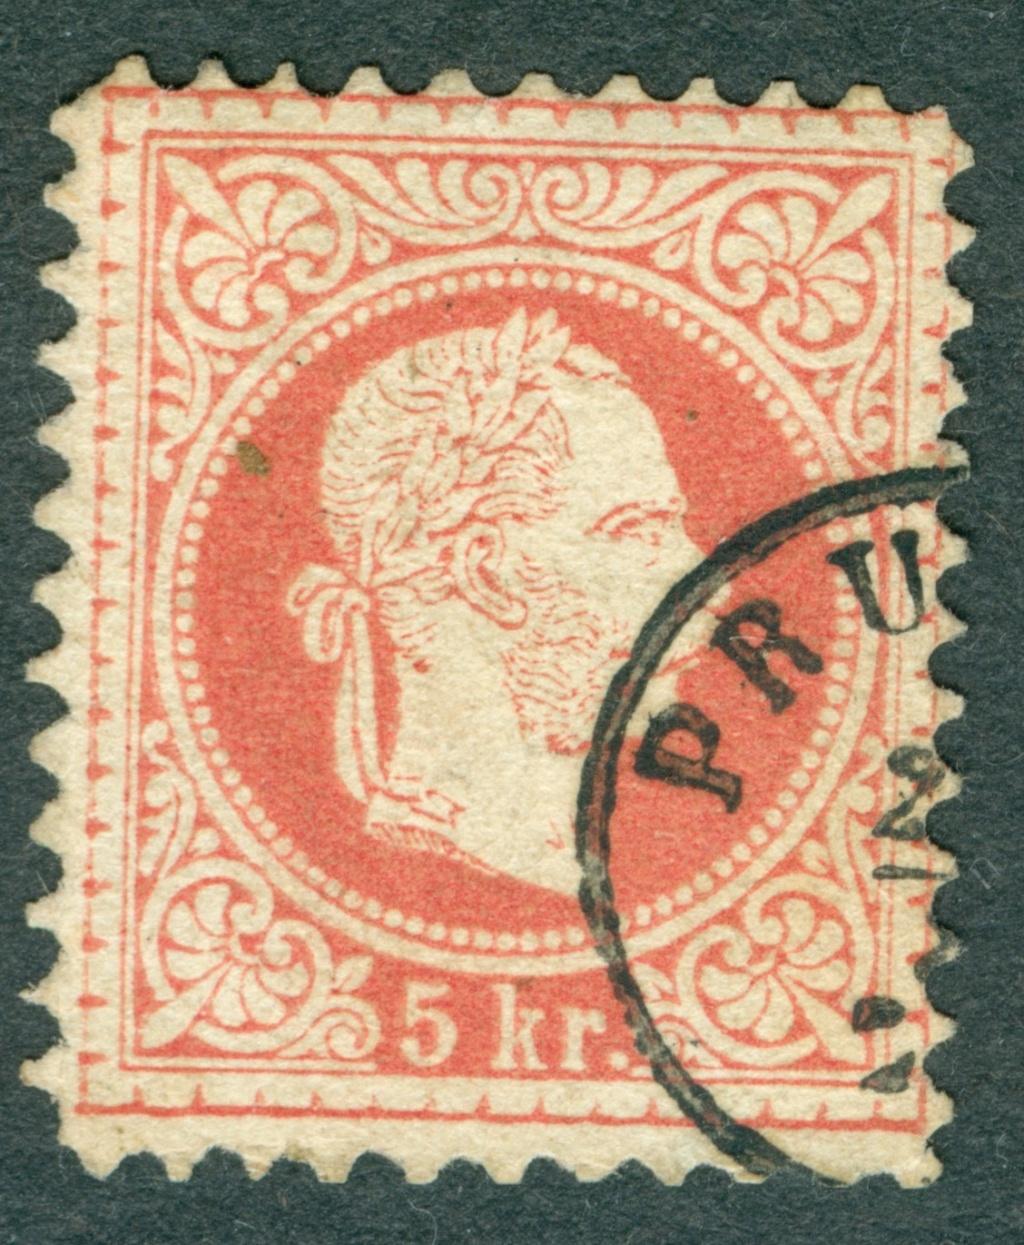 Freimarken-Ausgabe 1867 : Kopfbildnis Kaiser Franz Joseph I - Seite 20 1867_511